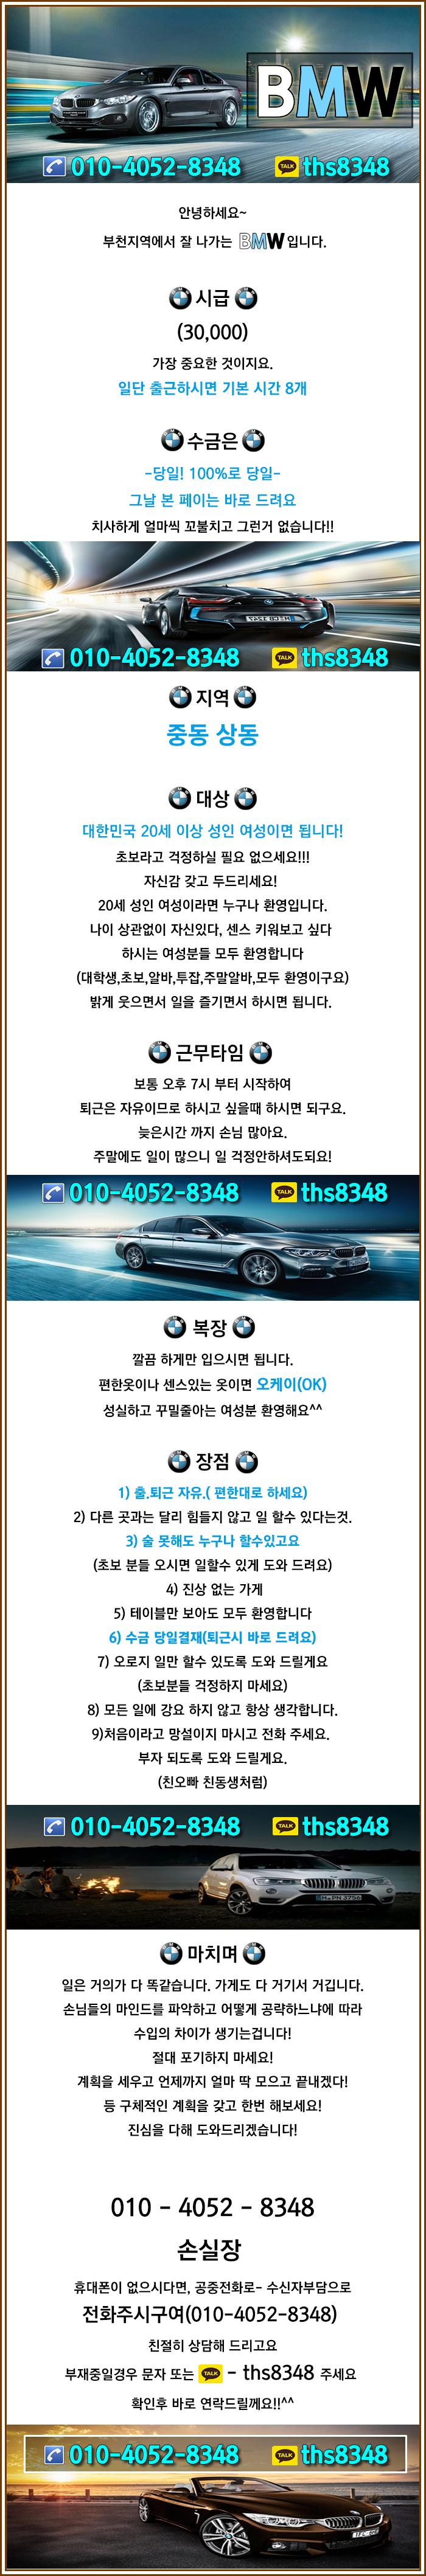 나나알바 인천부평 BMW